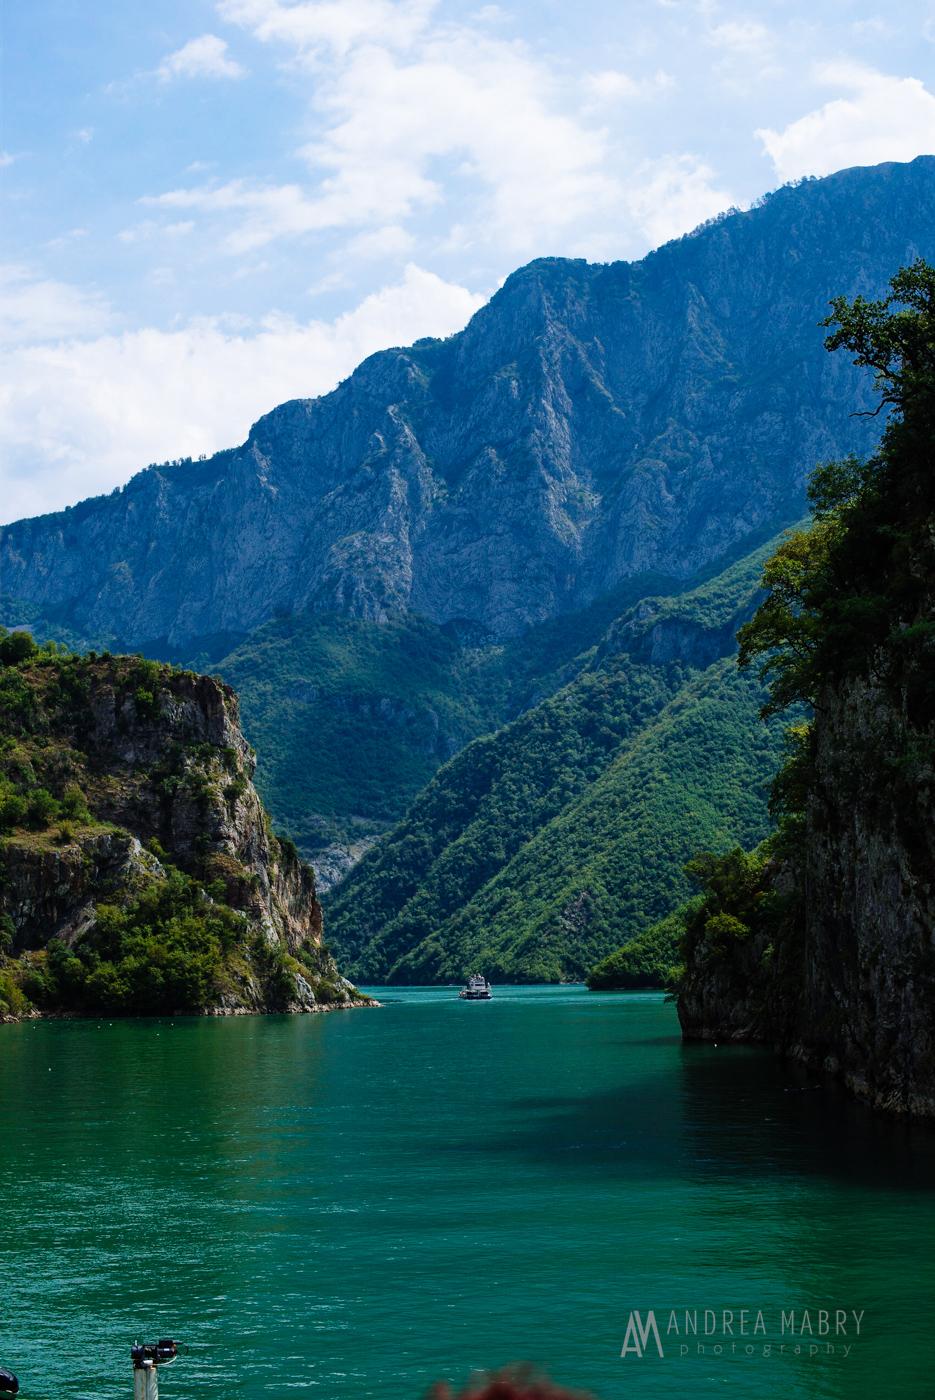 20160811-andreamabry-albania-034-2588.jpg